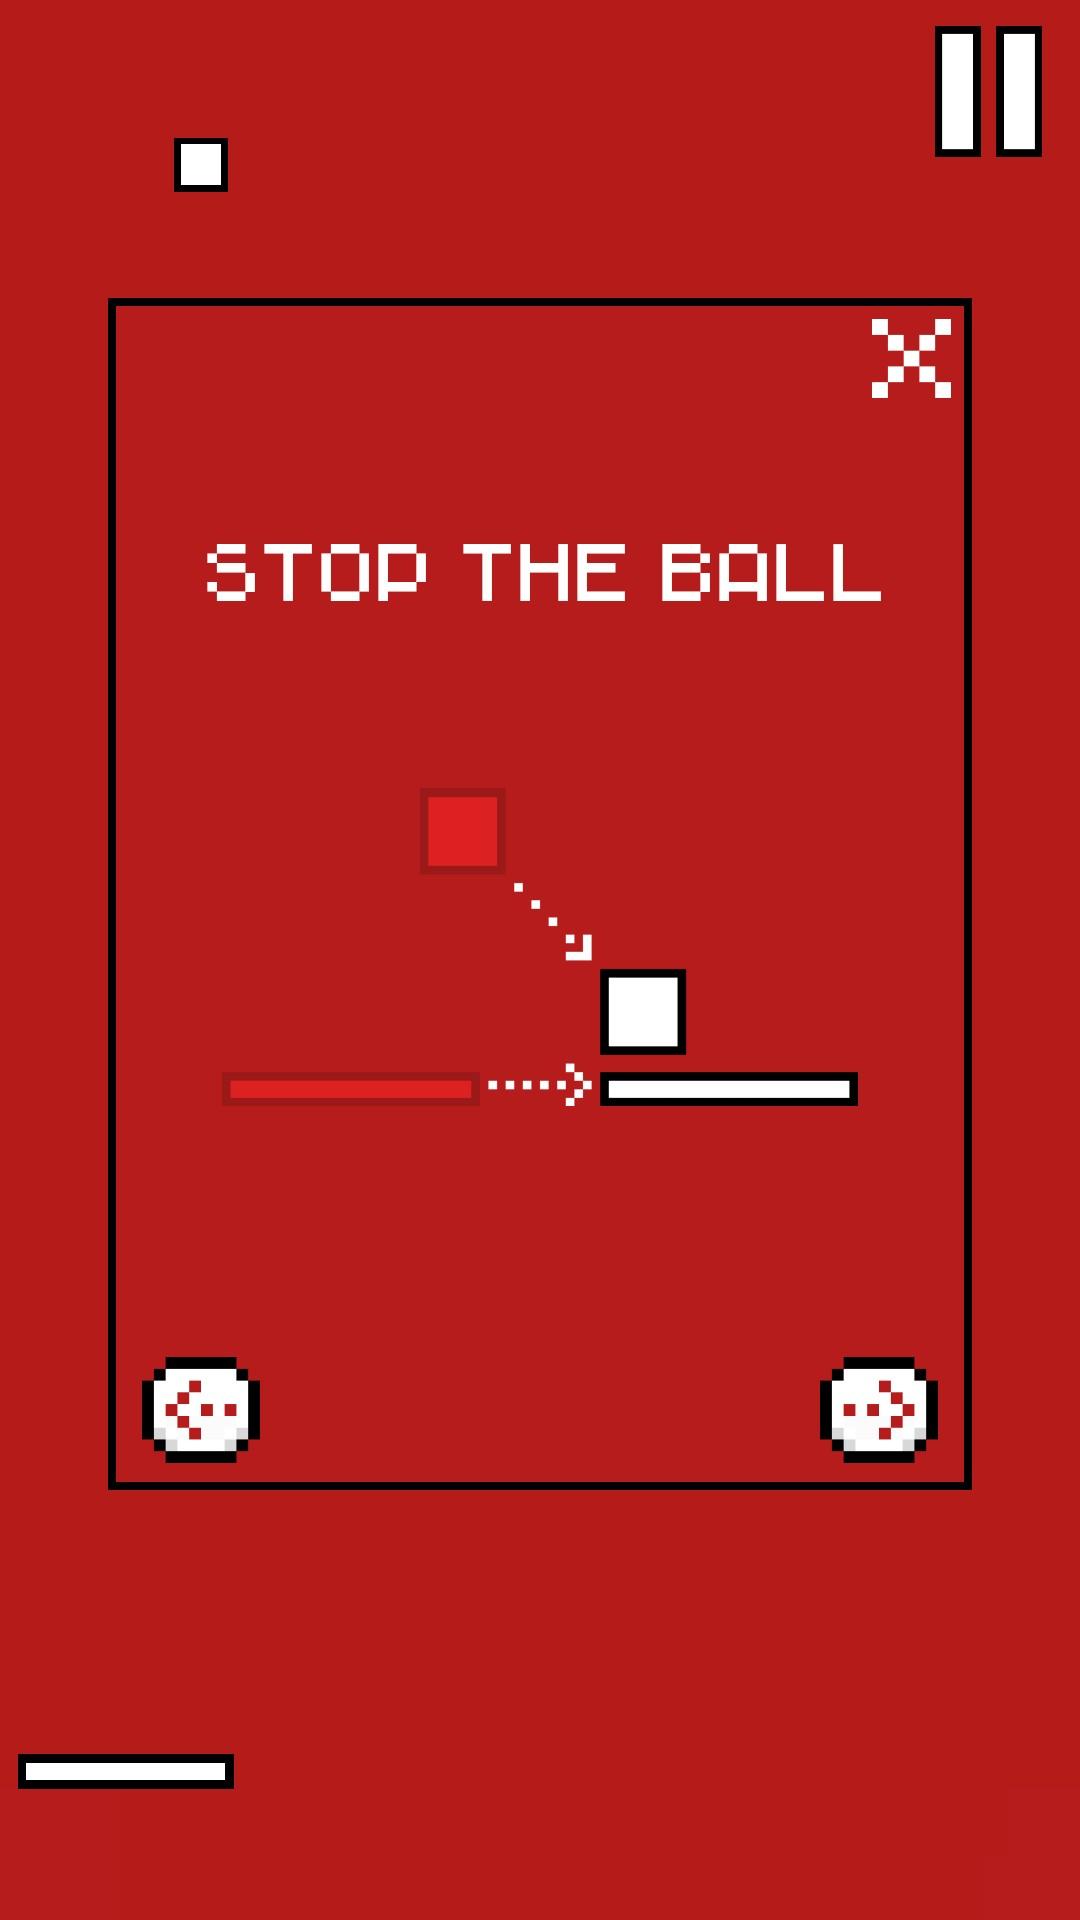 Brick Pong